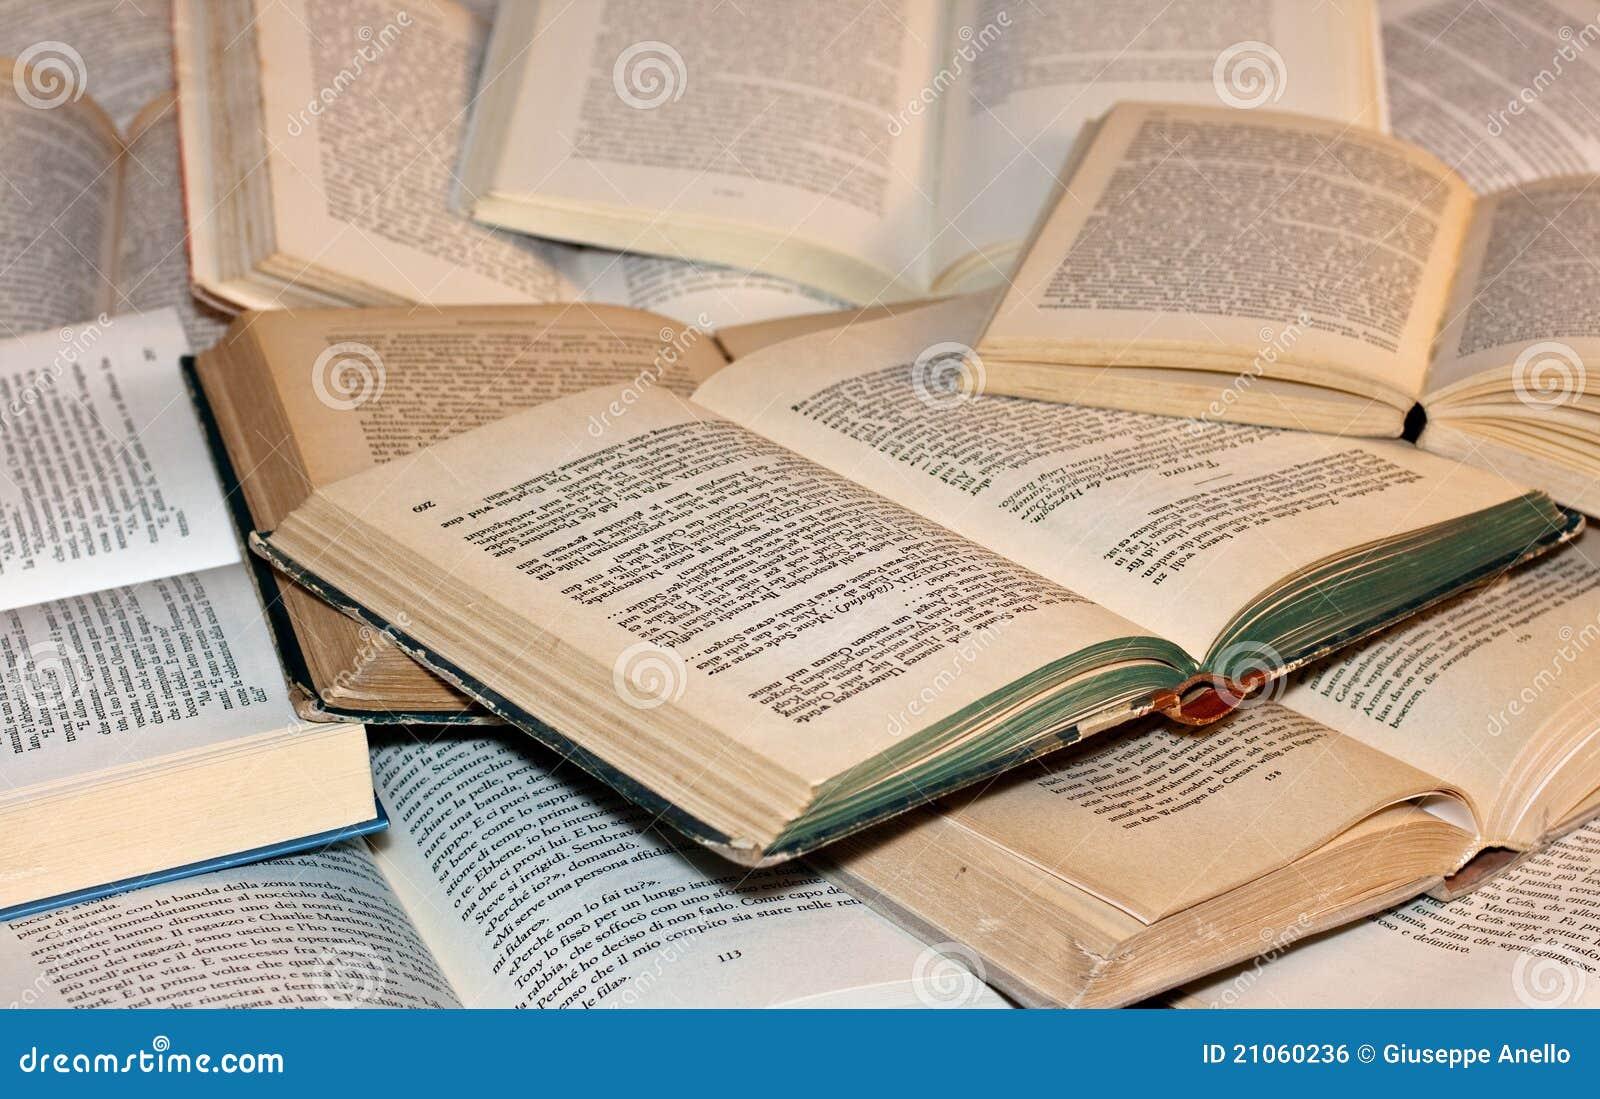 Apra i libri